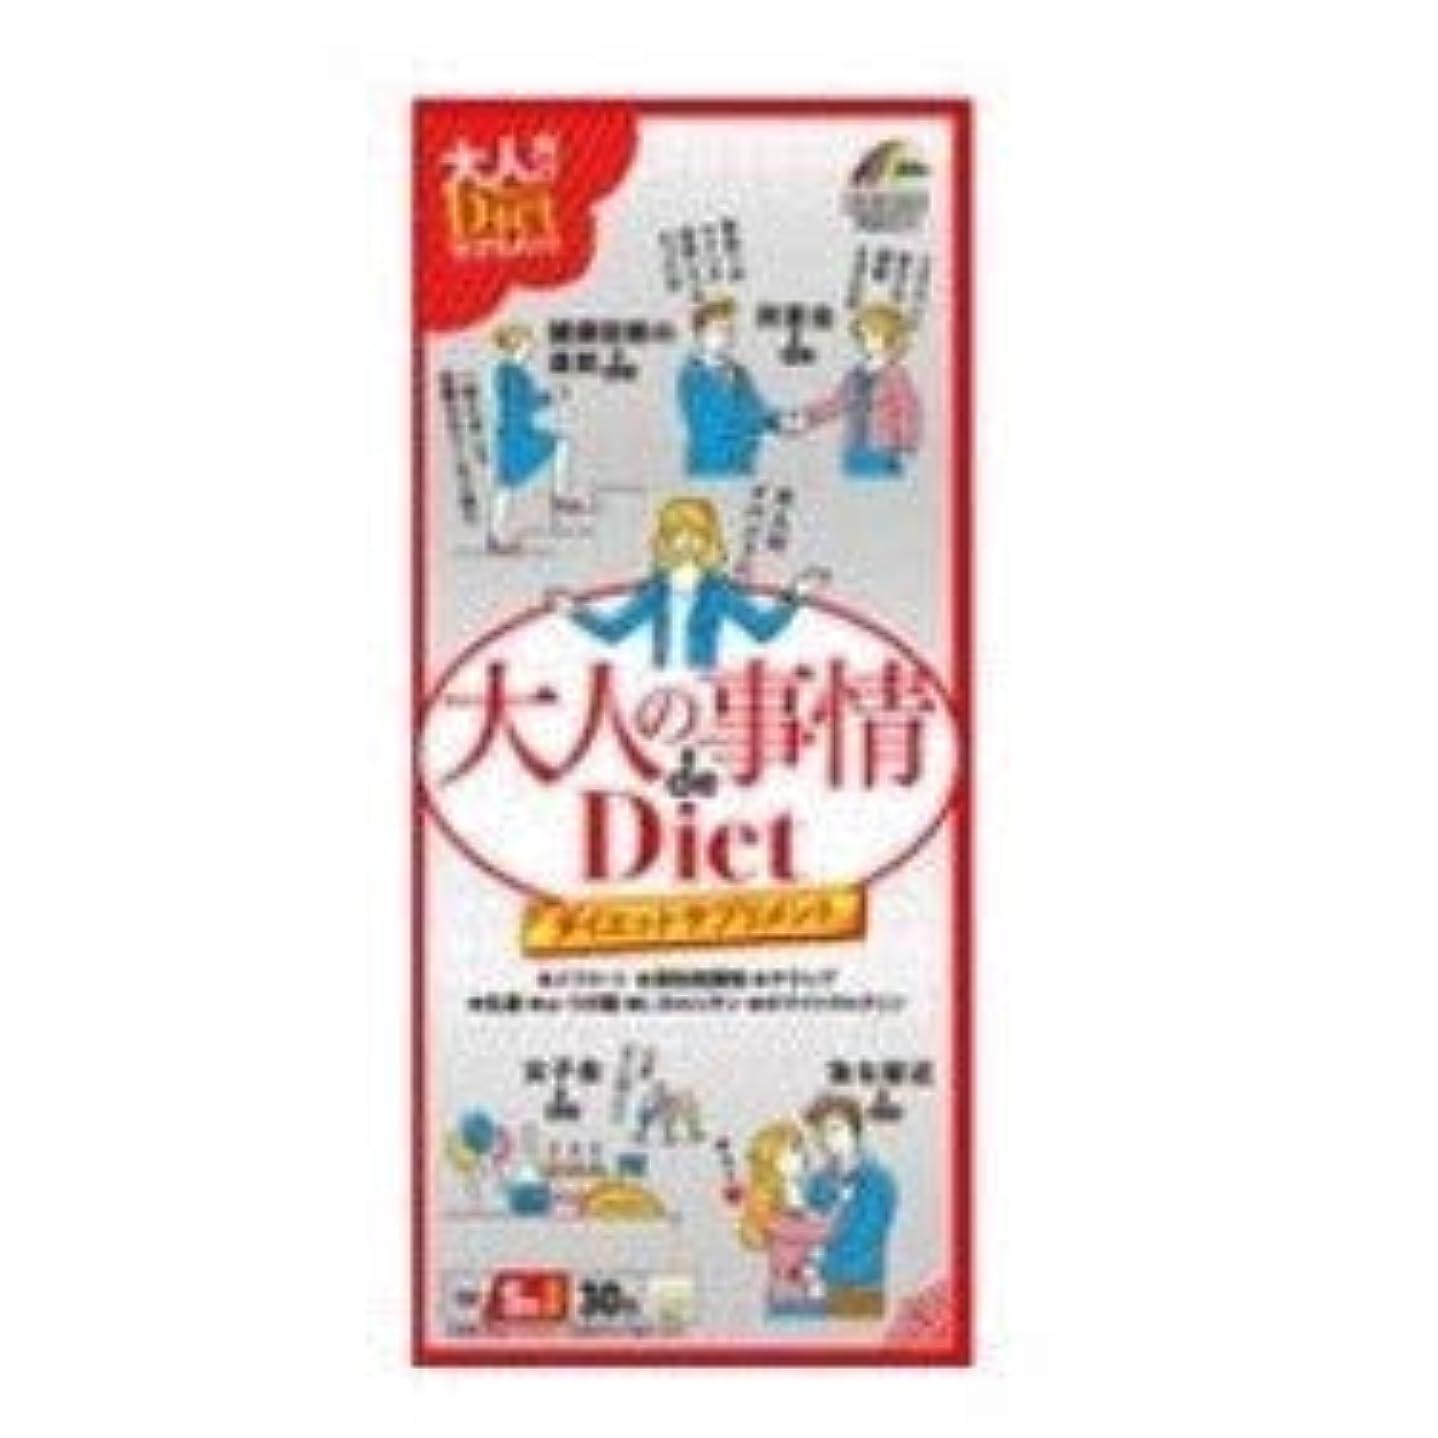 コンテスト不十分なリクルート【ユニマットリケン】大人の事情ダイエット 30包×3